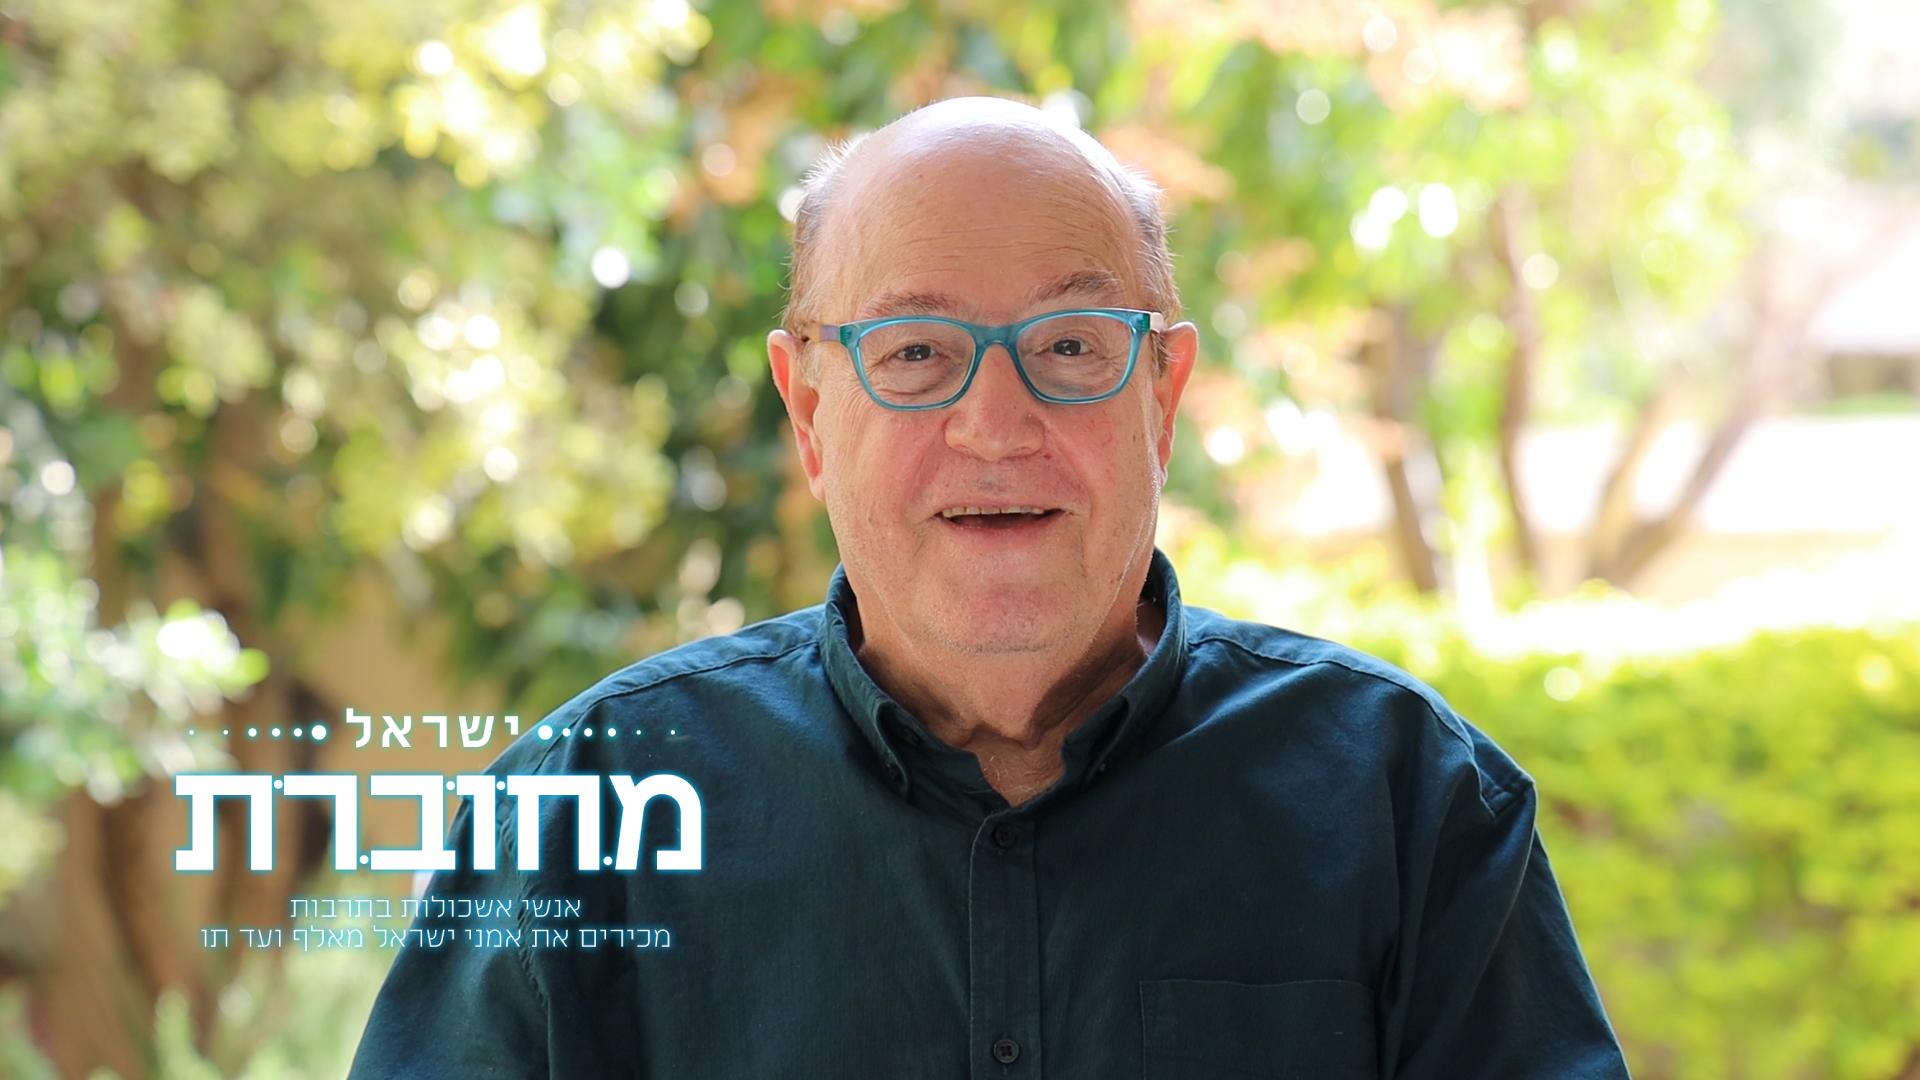 ישראל מחוברת_טוביה צפיר